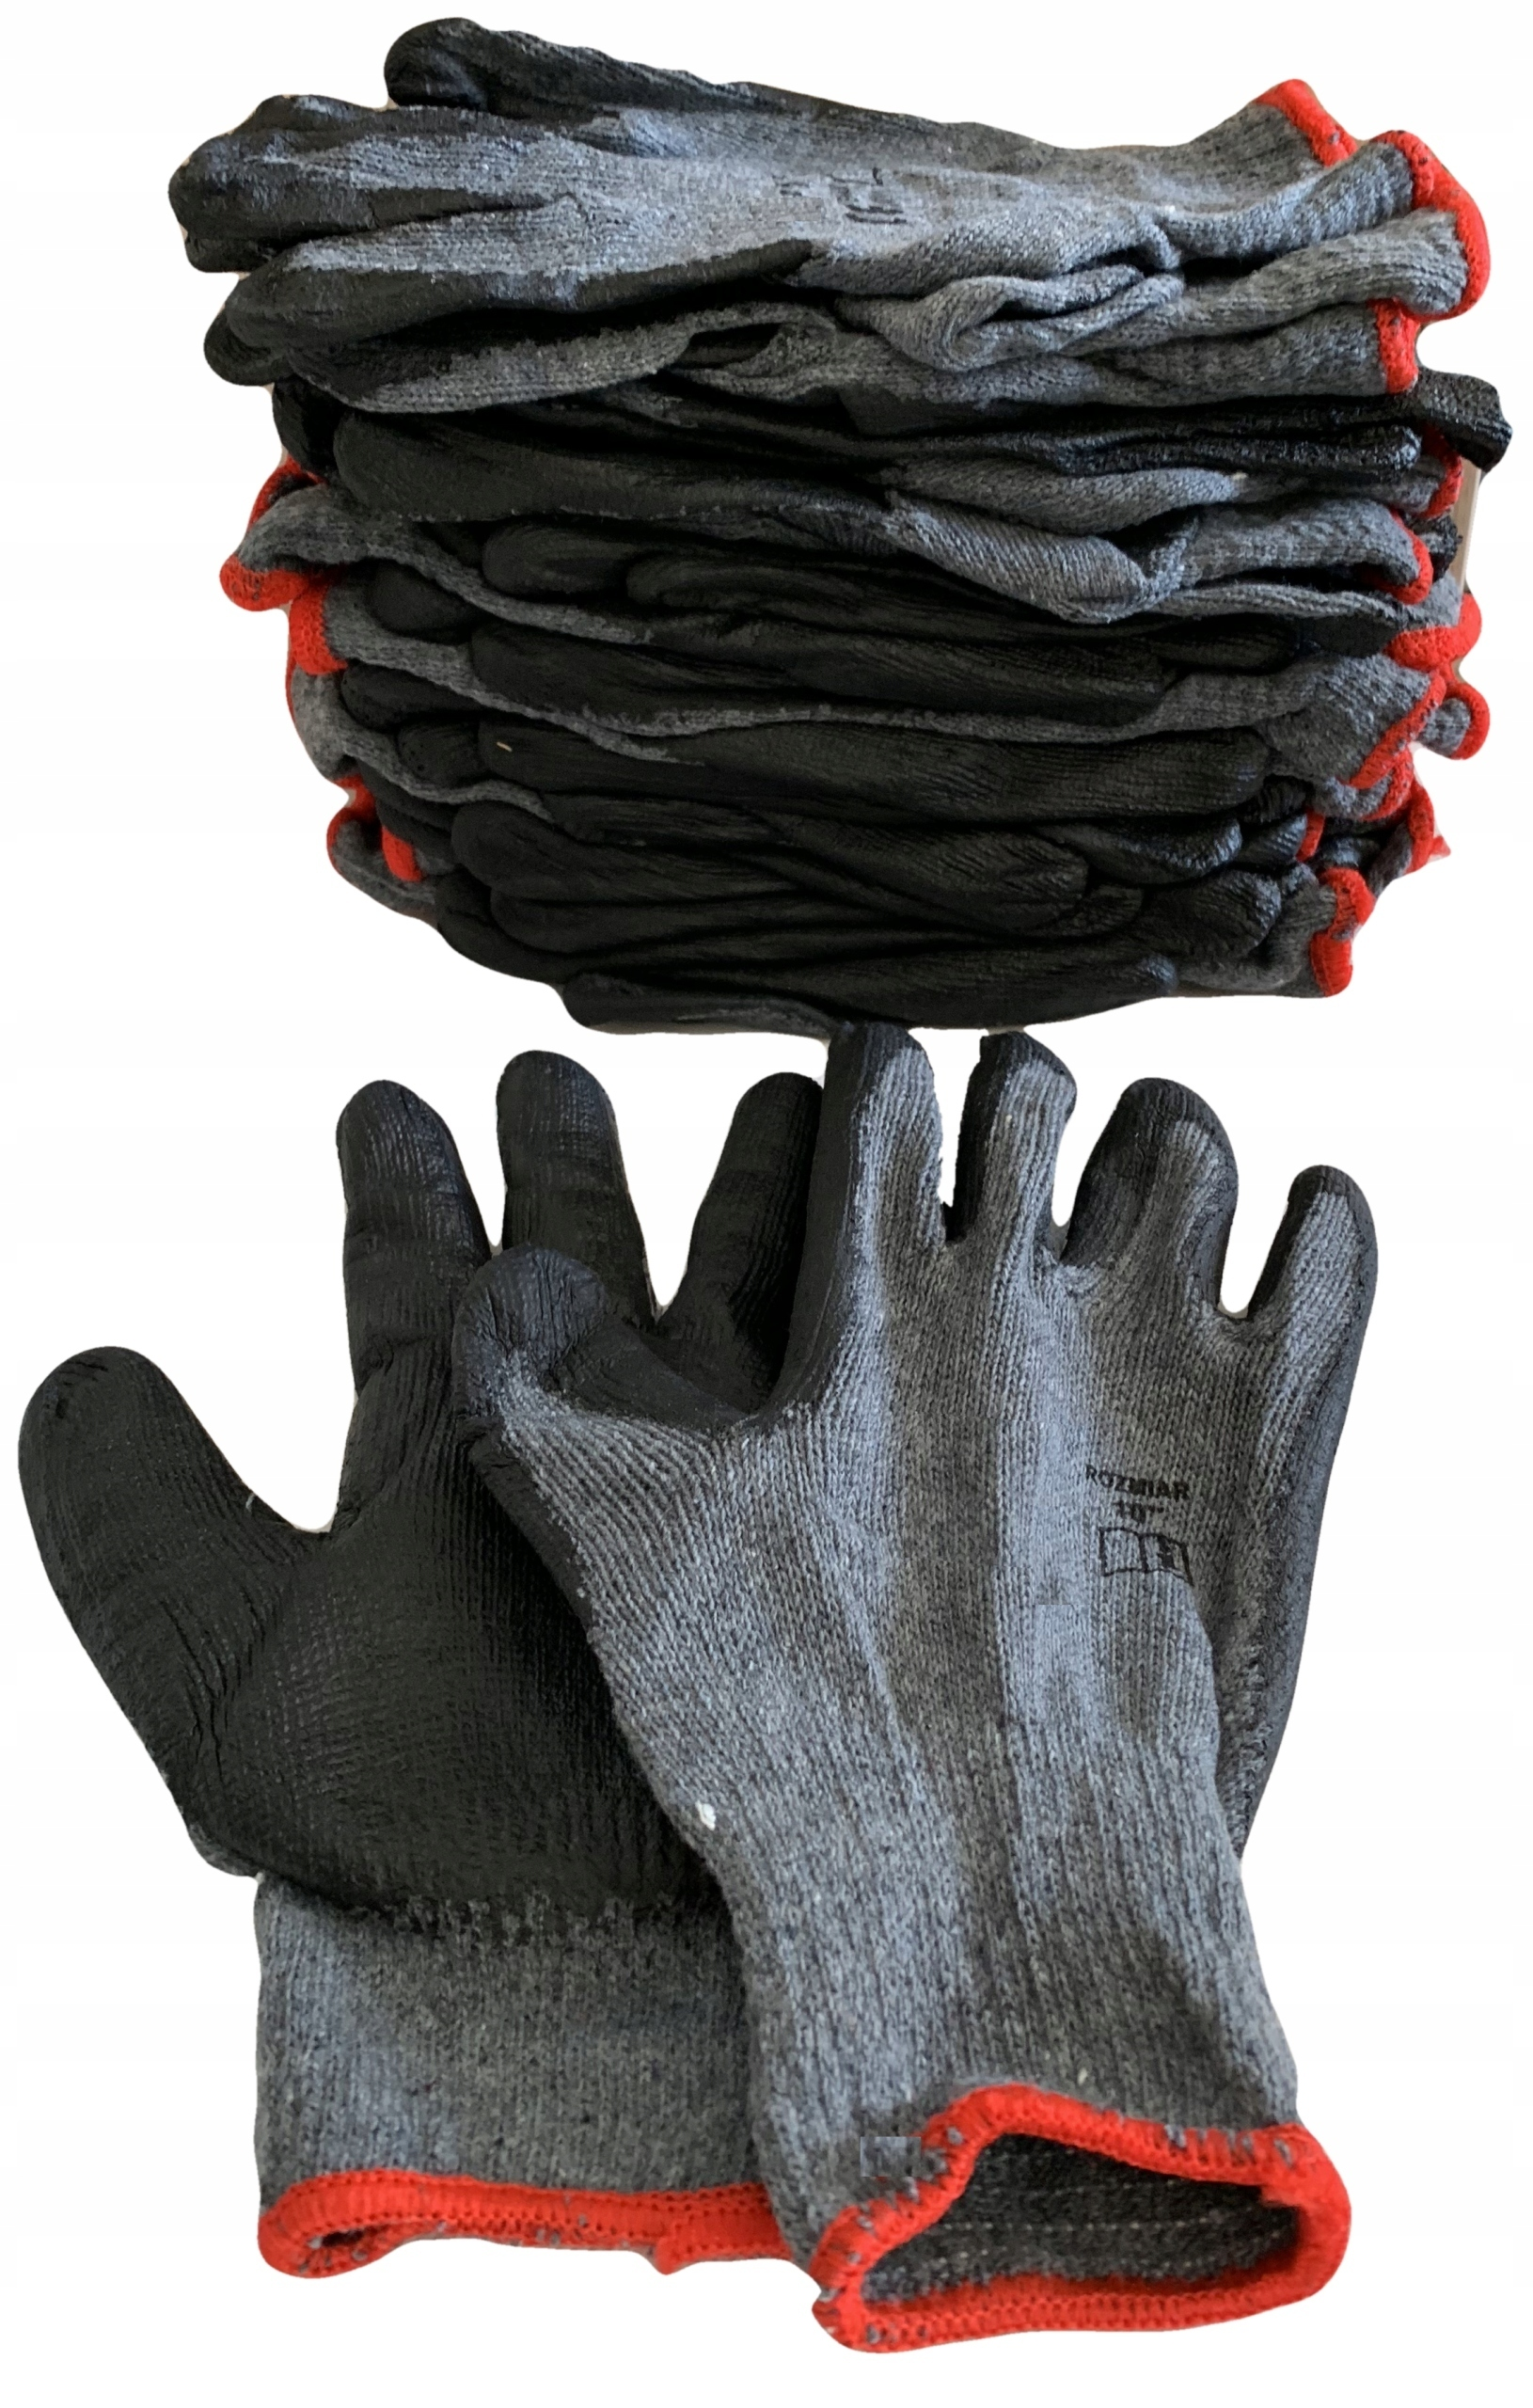 Перчатки перчатки рабочие защитные ЛАТЕКС 12 ПАР